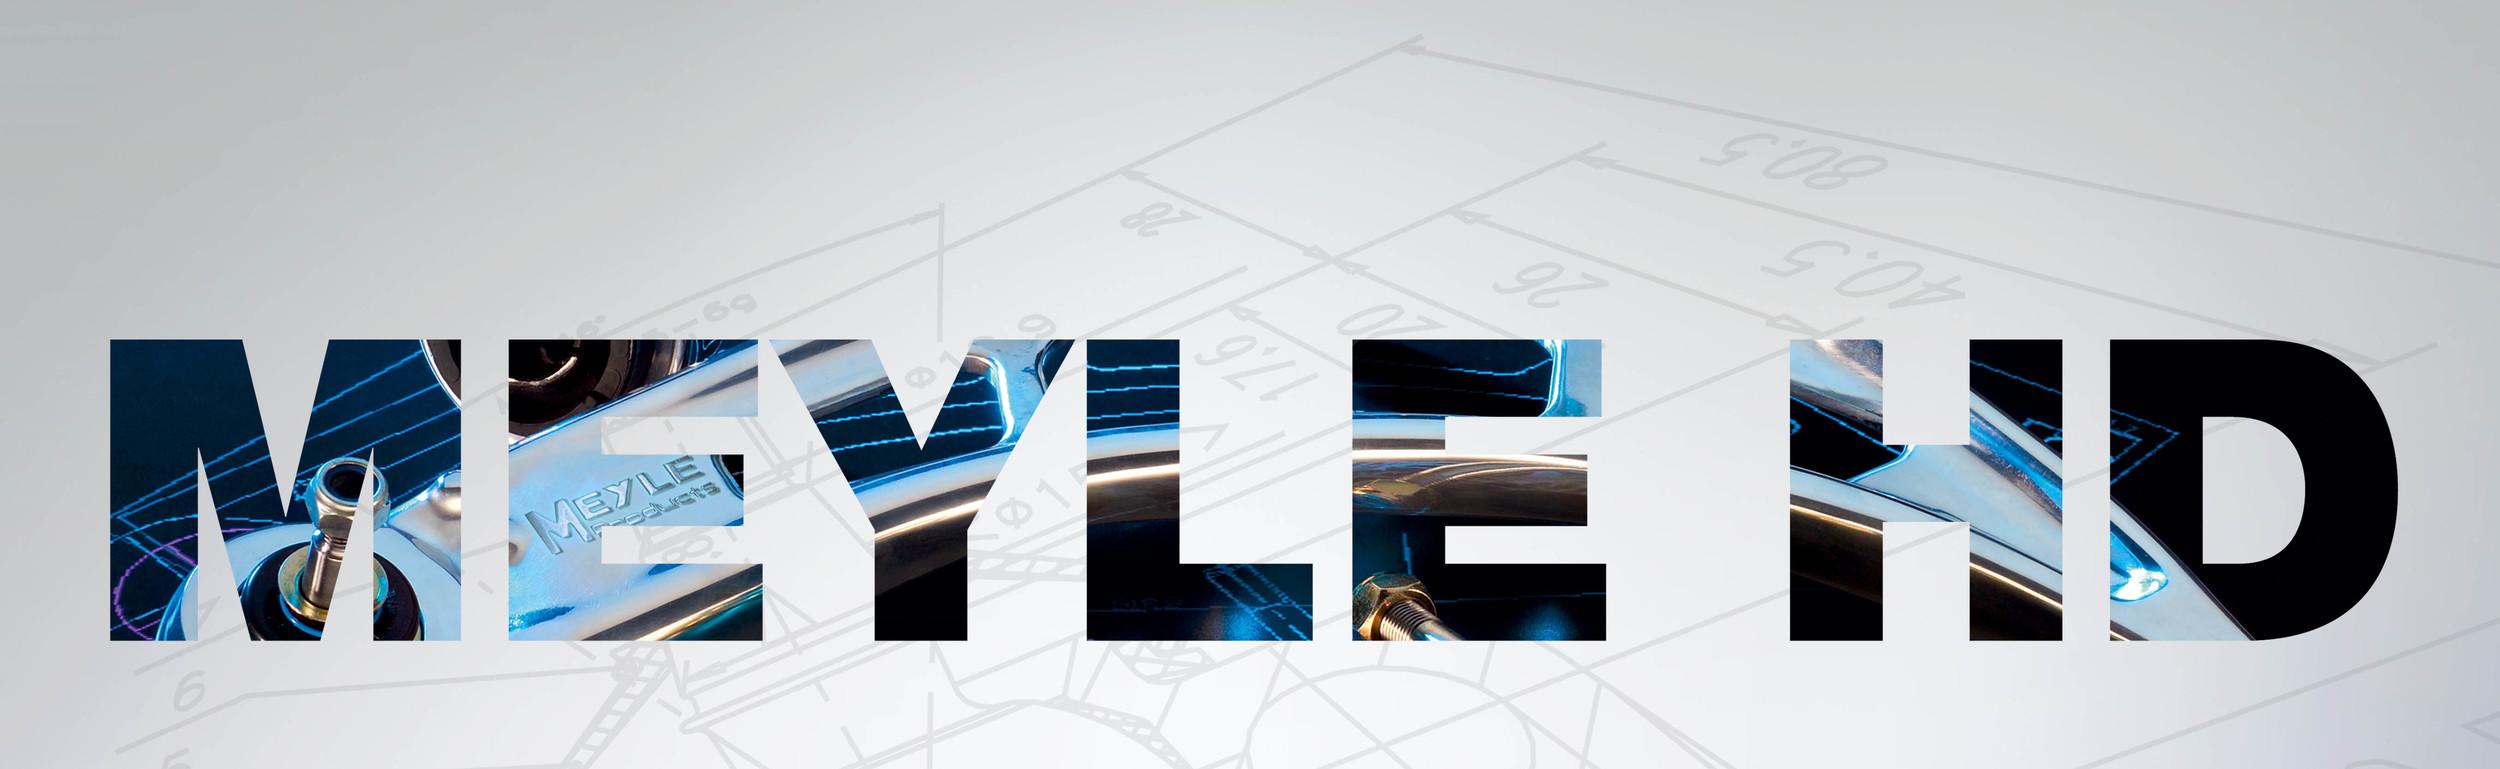 Meyle HD Fachhandelskampagne Autoersatzteile